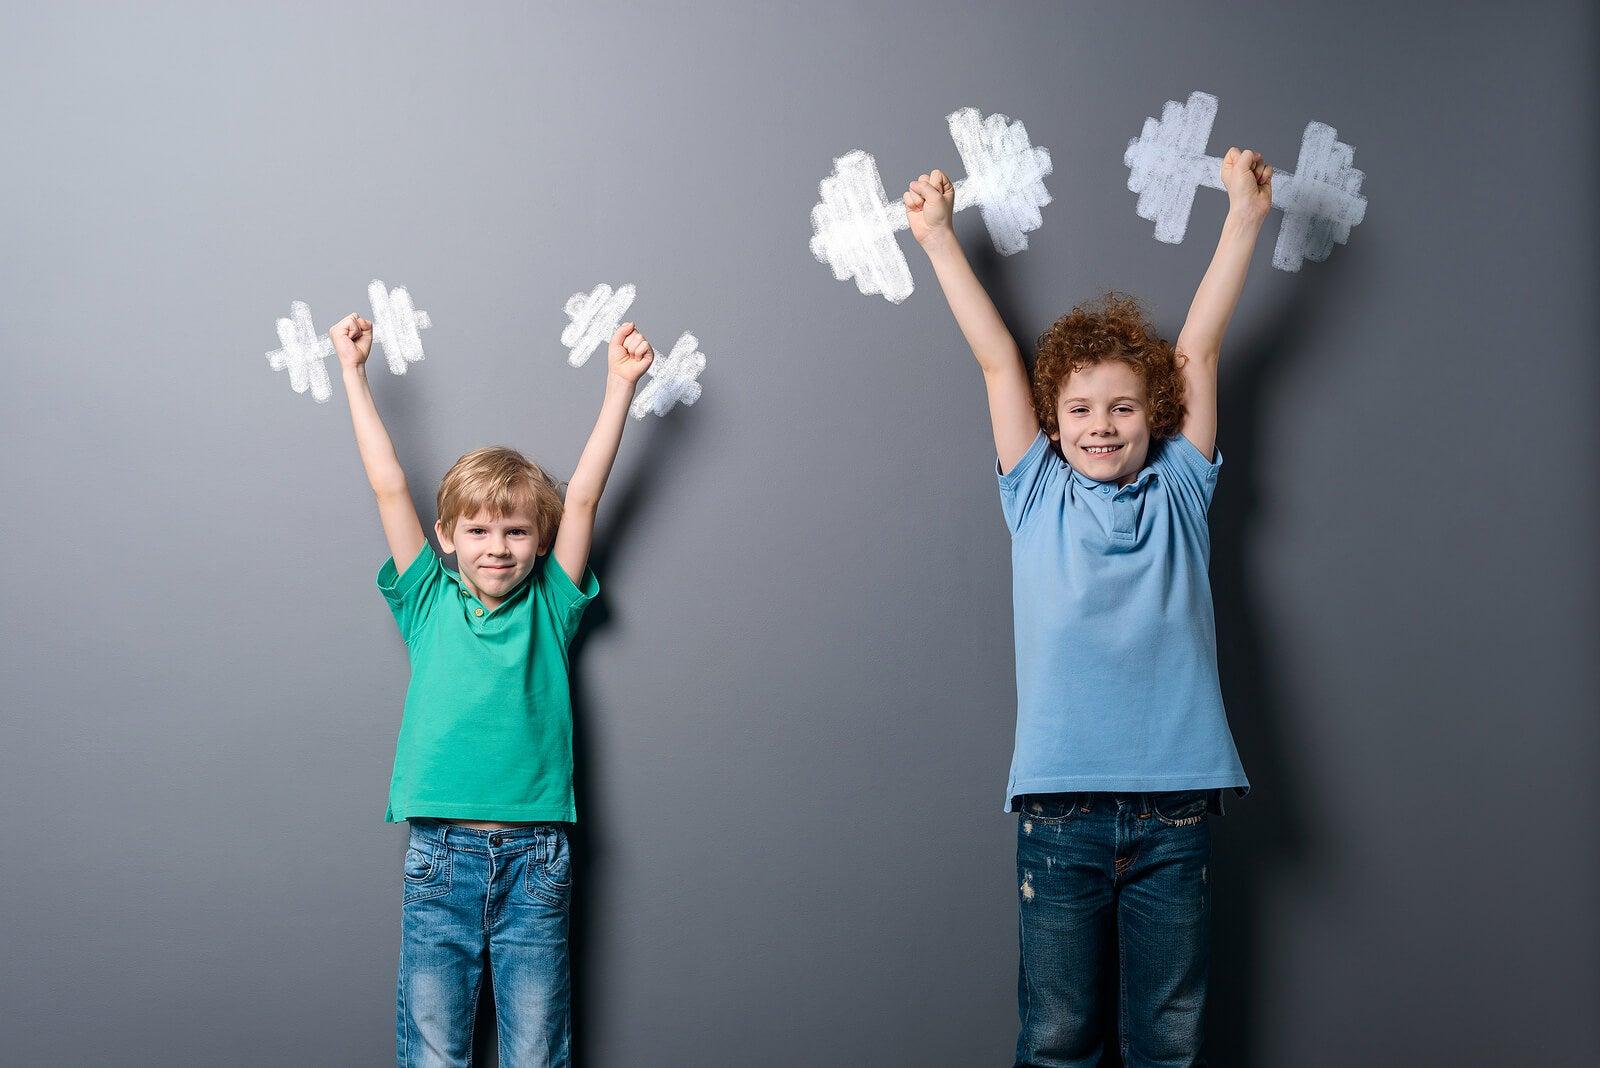 Niños levantando unas pesas imaginarias.